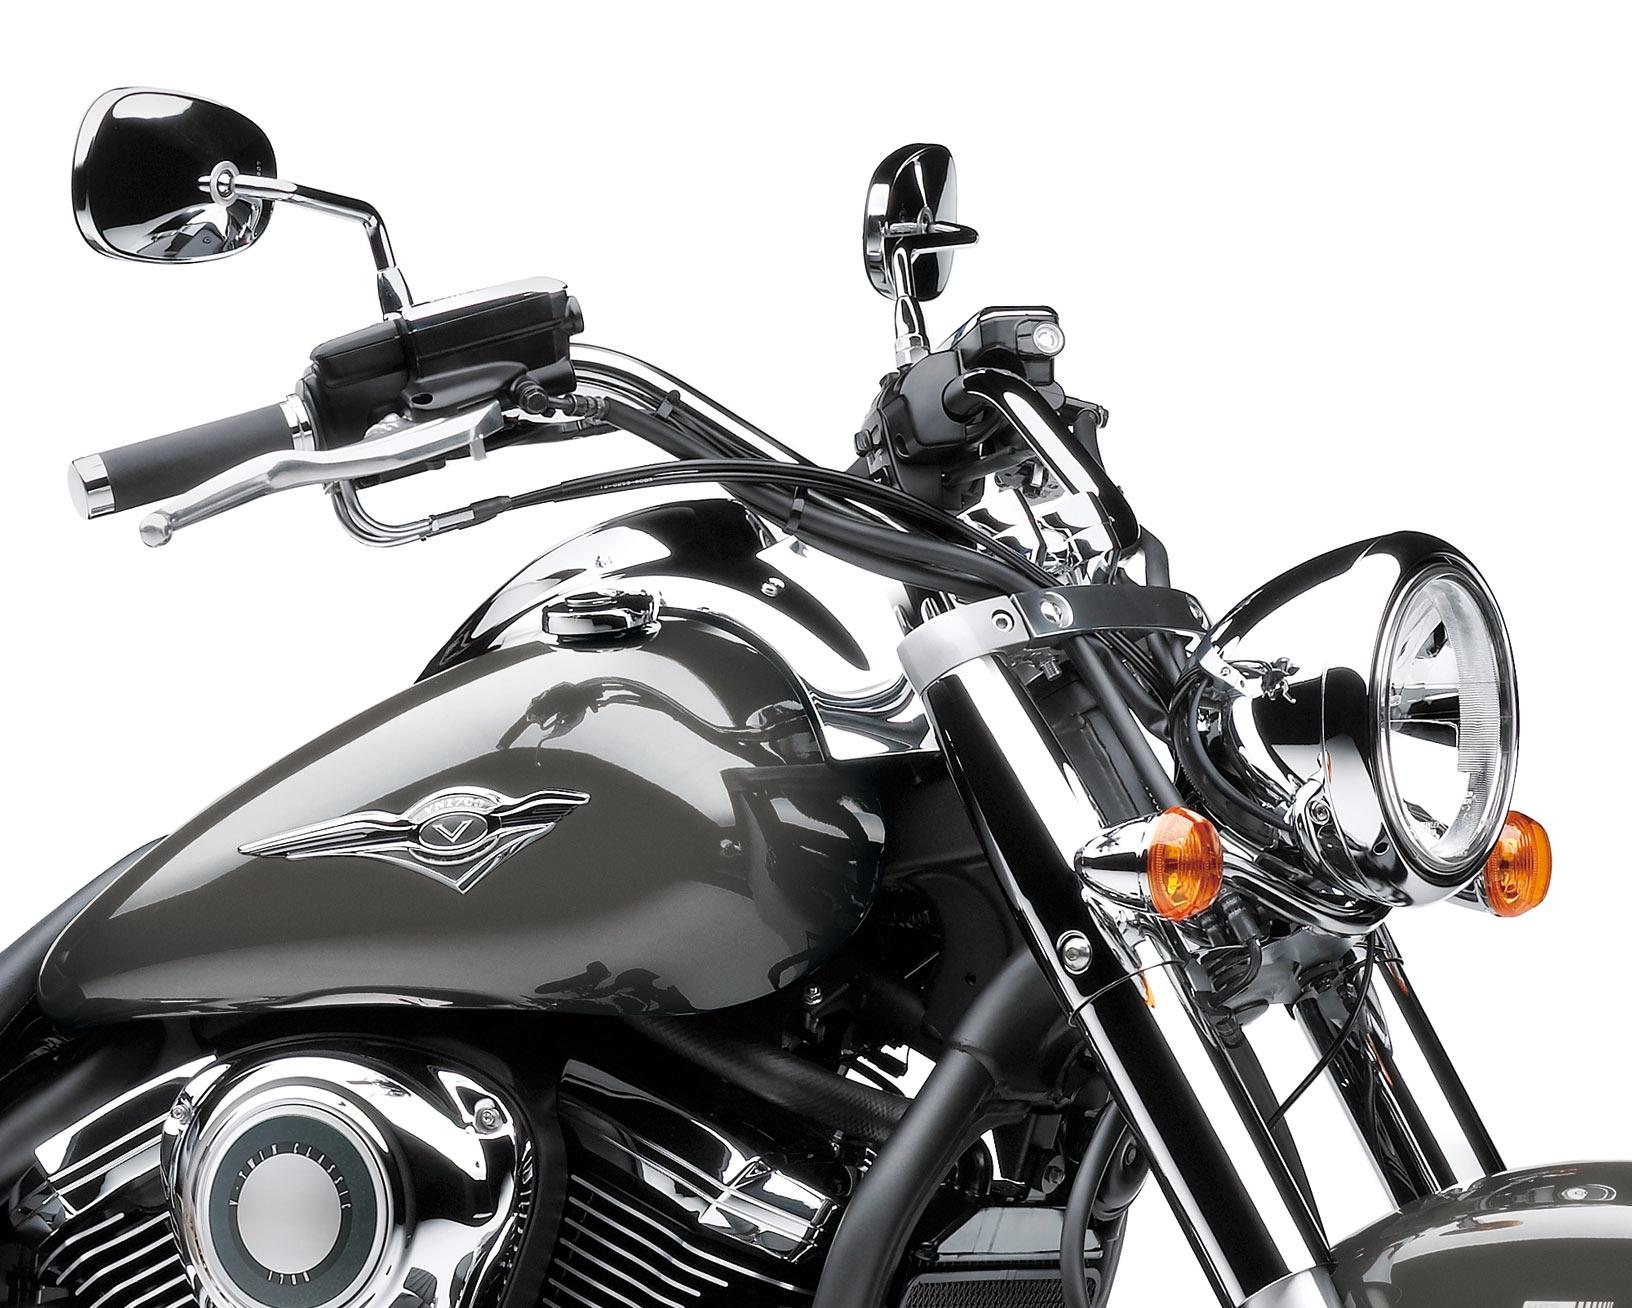 gebrauchte und neue kawasaki vn 1700 classic motorr der kaufen. Black Bedroom Furniture Sets. Home Design Ideas